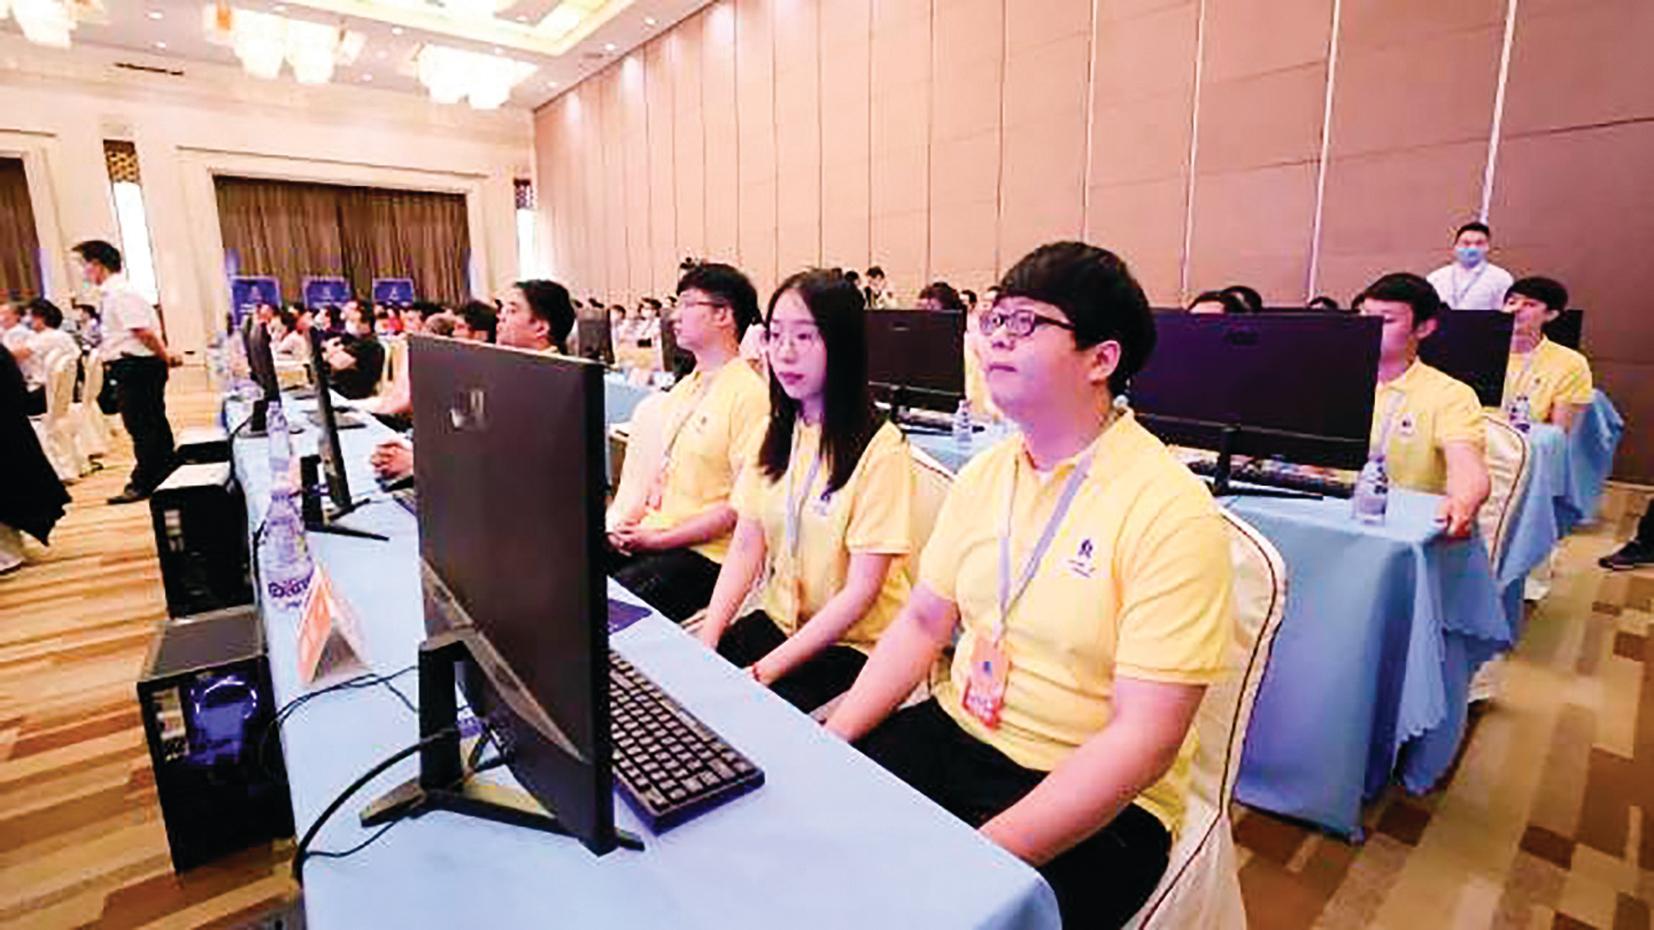 火箭軍裝備部去年開始主辦了人工智能挑戰賽「智箭.火眼」,全國有 899 個團隊、3,937名選手參加。圖為6月1日在北京,「智箭.火眼」決賽會場。(網絡圖片)